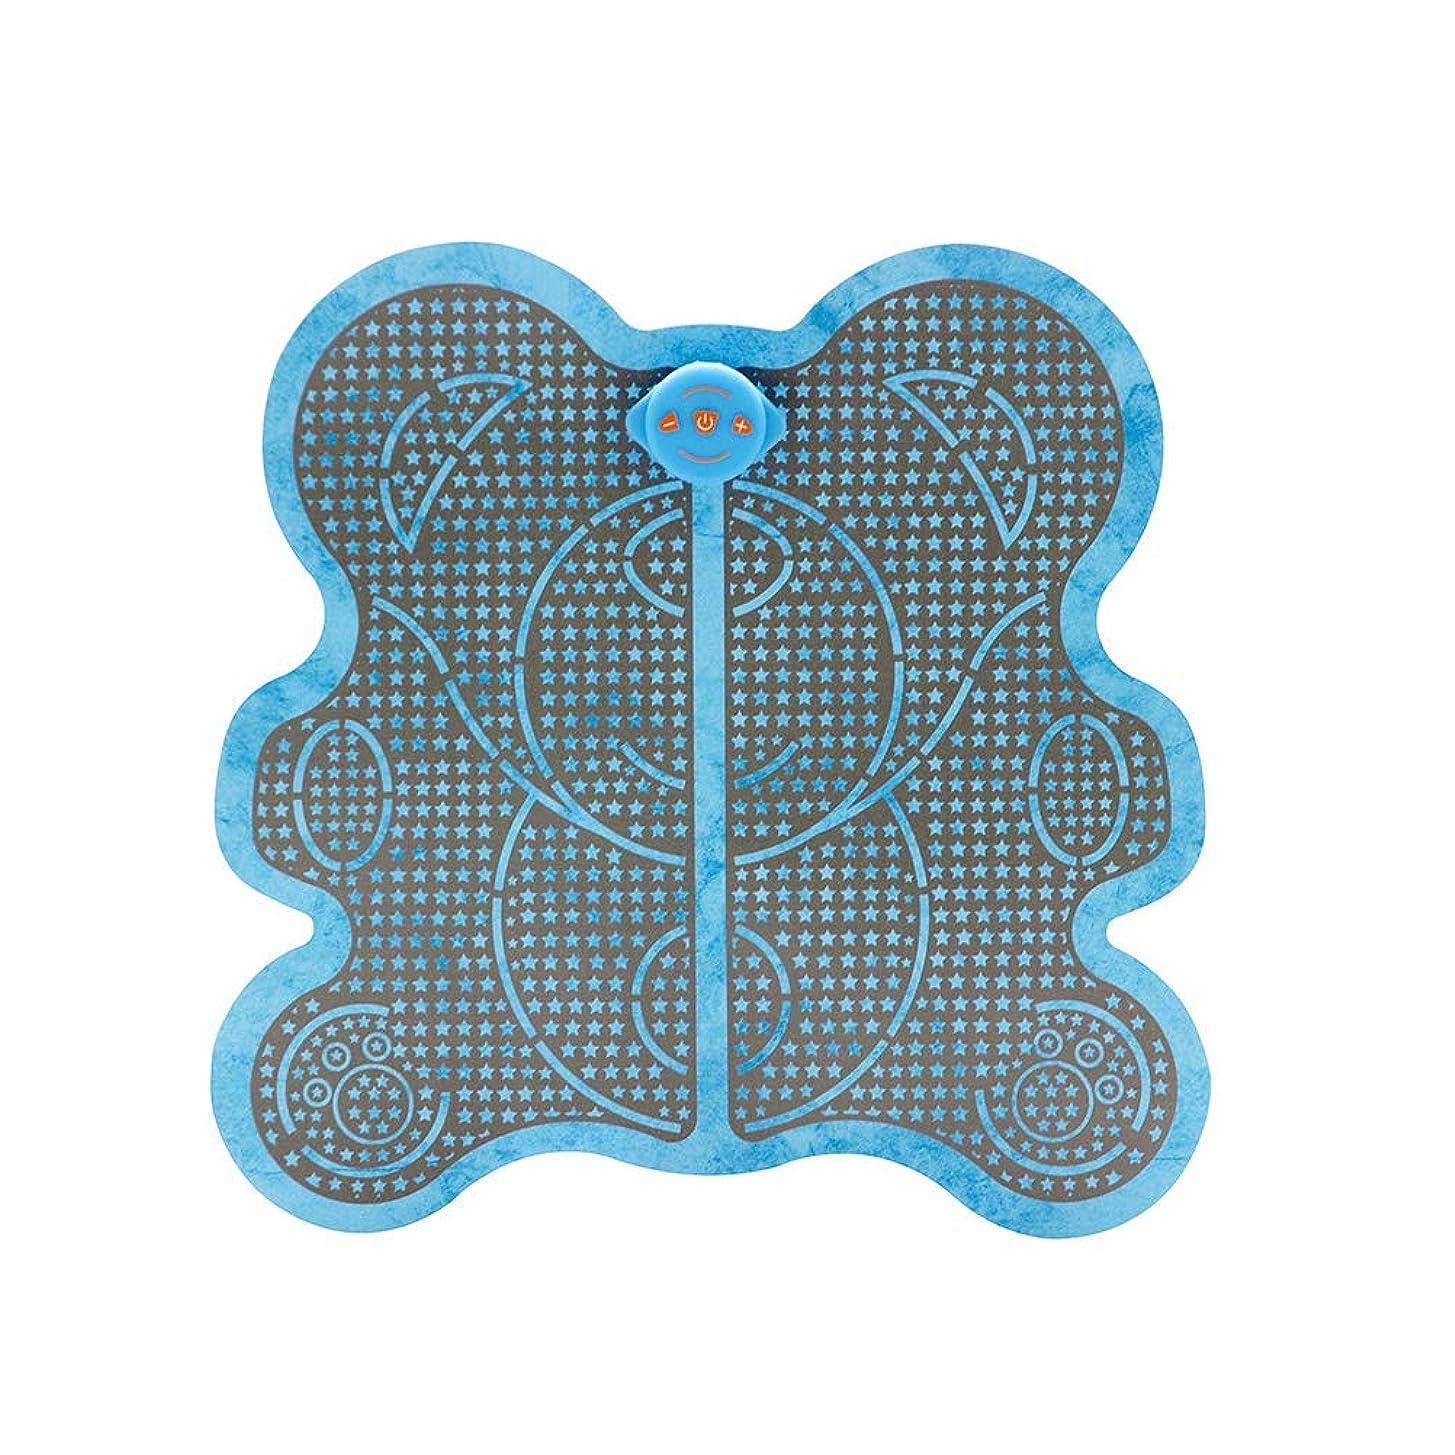 億接続属性Sanwer フットマッサージャー EMS理学療法 フットマッサージクッション 足裏マッサージ機 フットマッサージャー 足指圧マッサージマット EMSリモートコントロール マッサージマット EMSフットマッサージャー 足刺激装置 EMSフットマッサージャークッション 調整可能 電動足裏マッサージ 筋肉刺激 血液循環